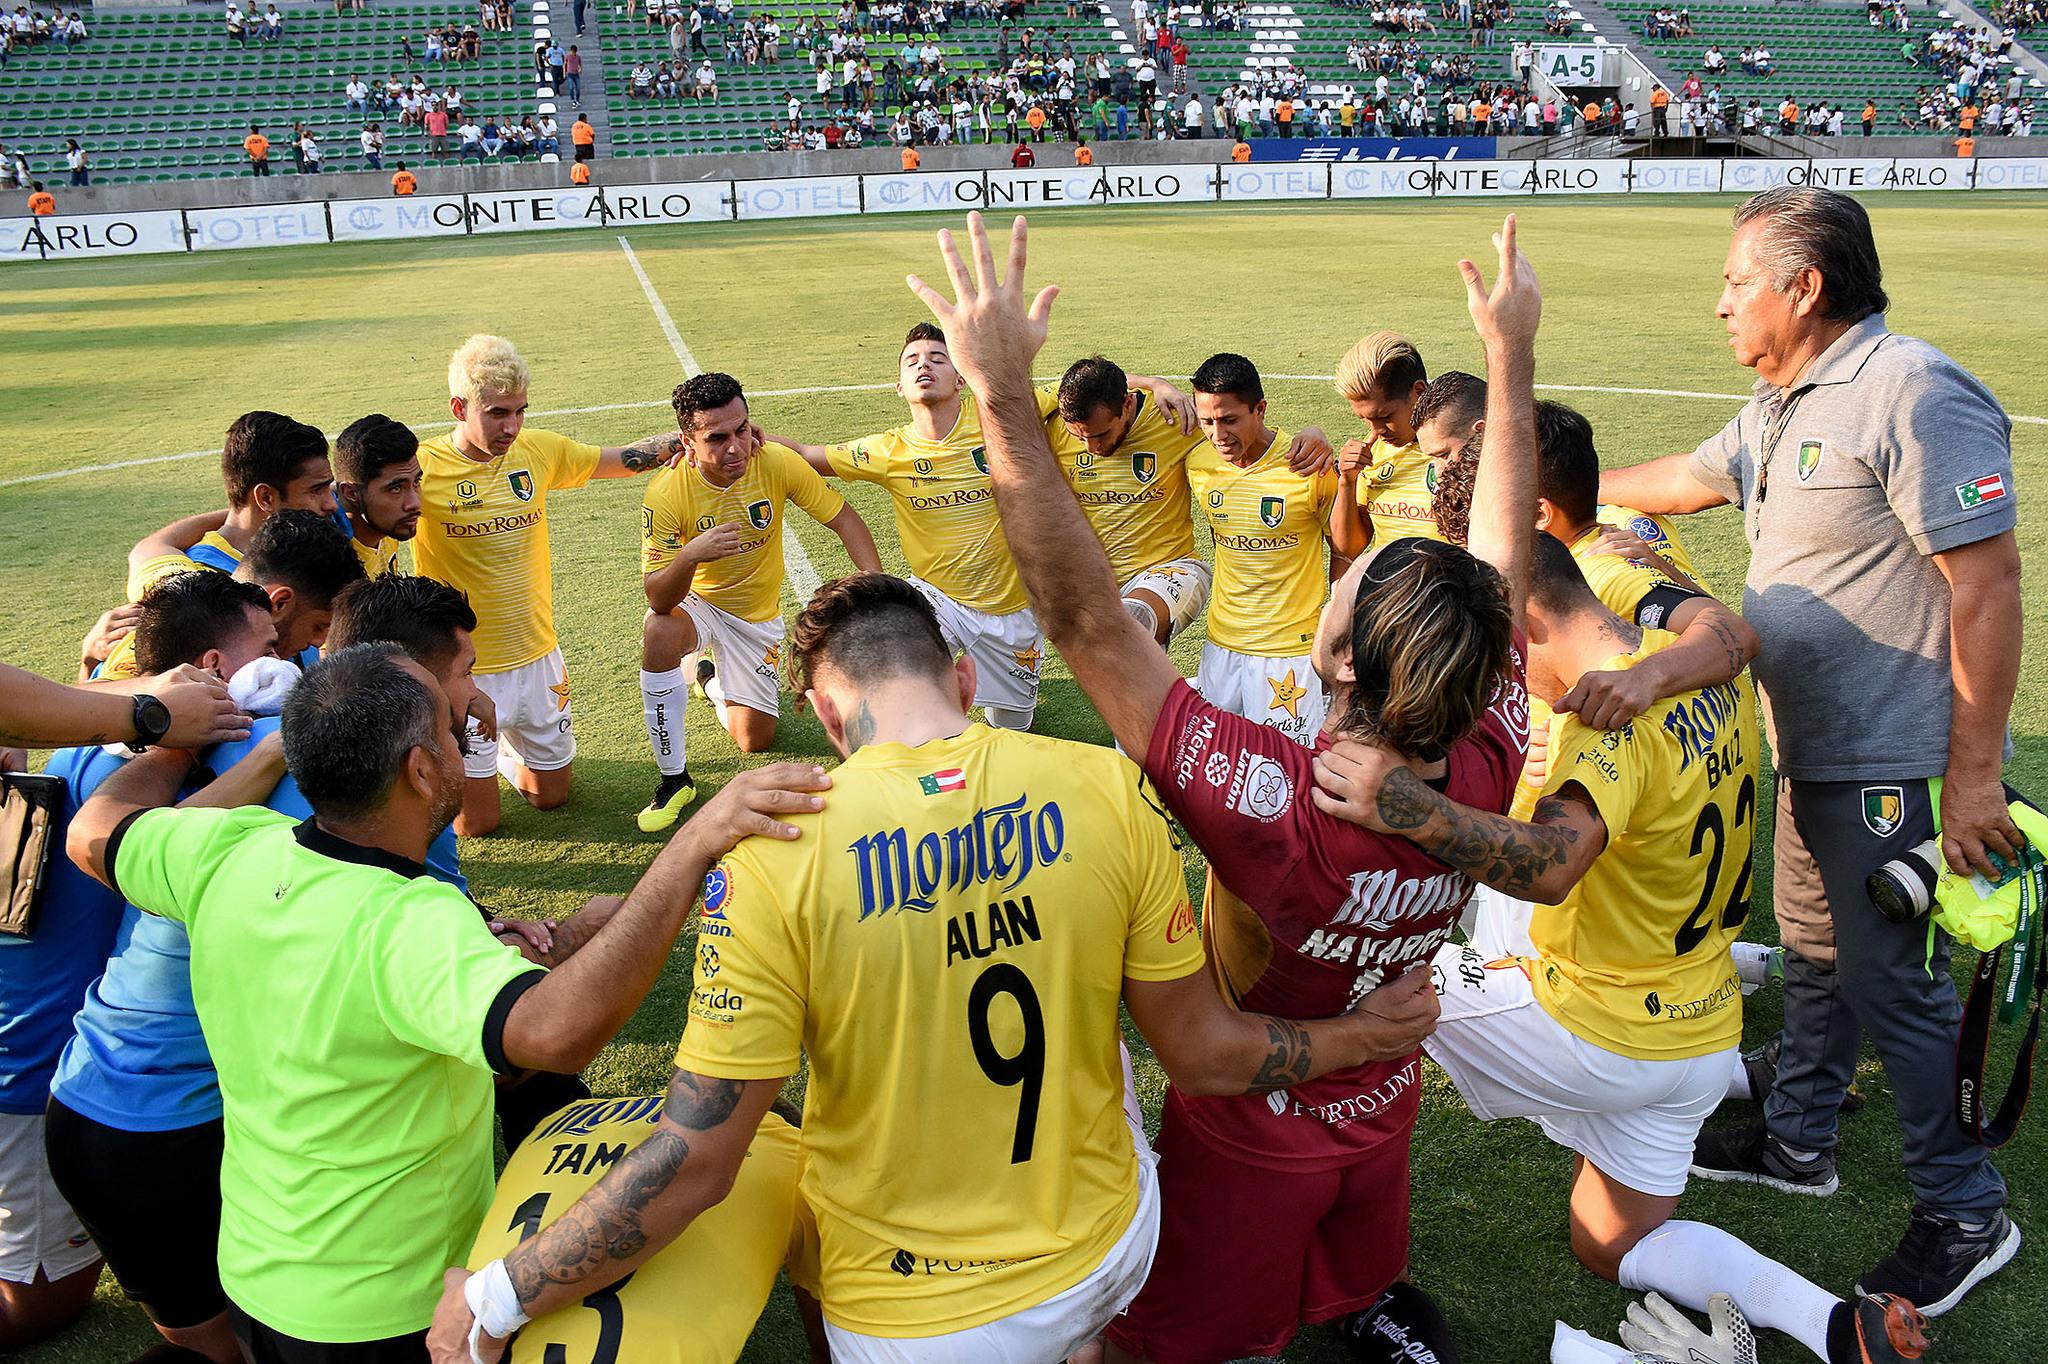 Venados elimina al Zacatepec y avanza a semis del Ascenso MX